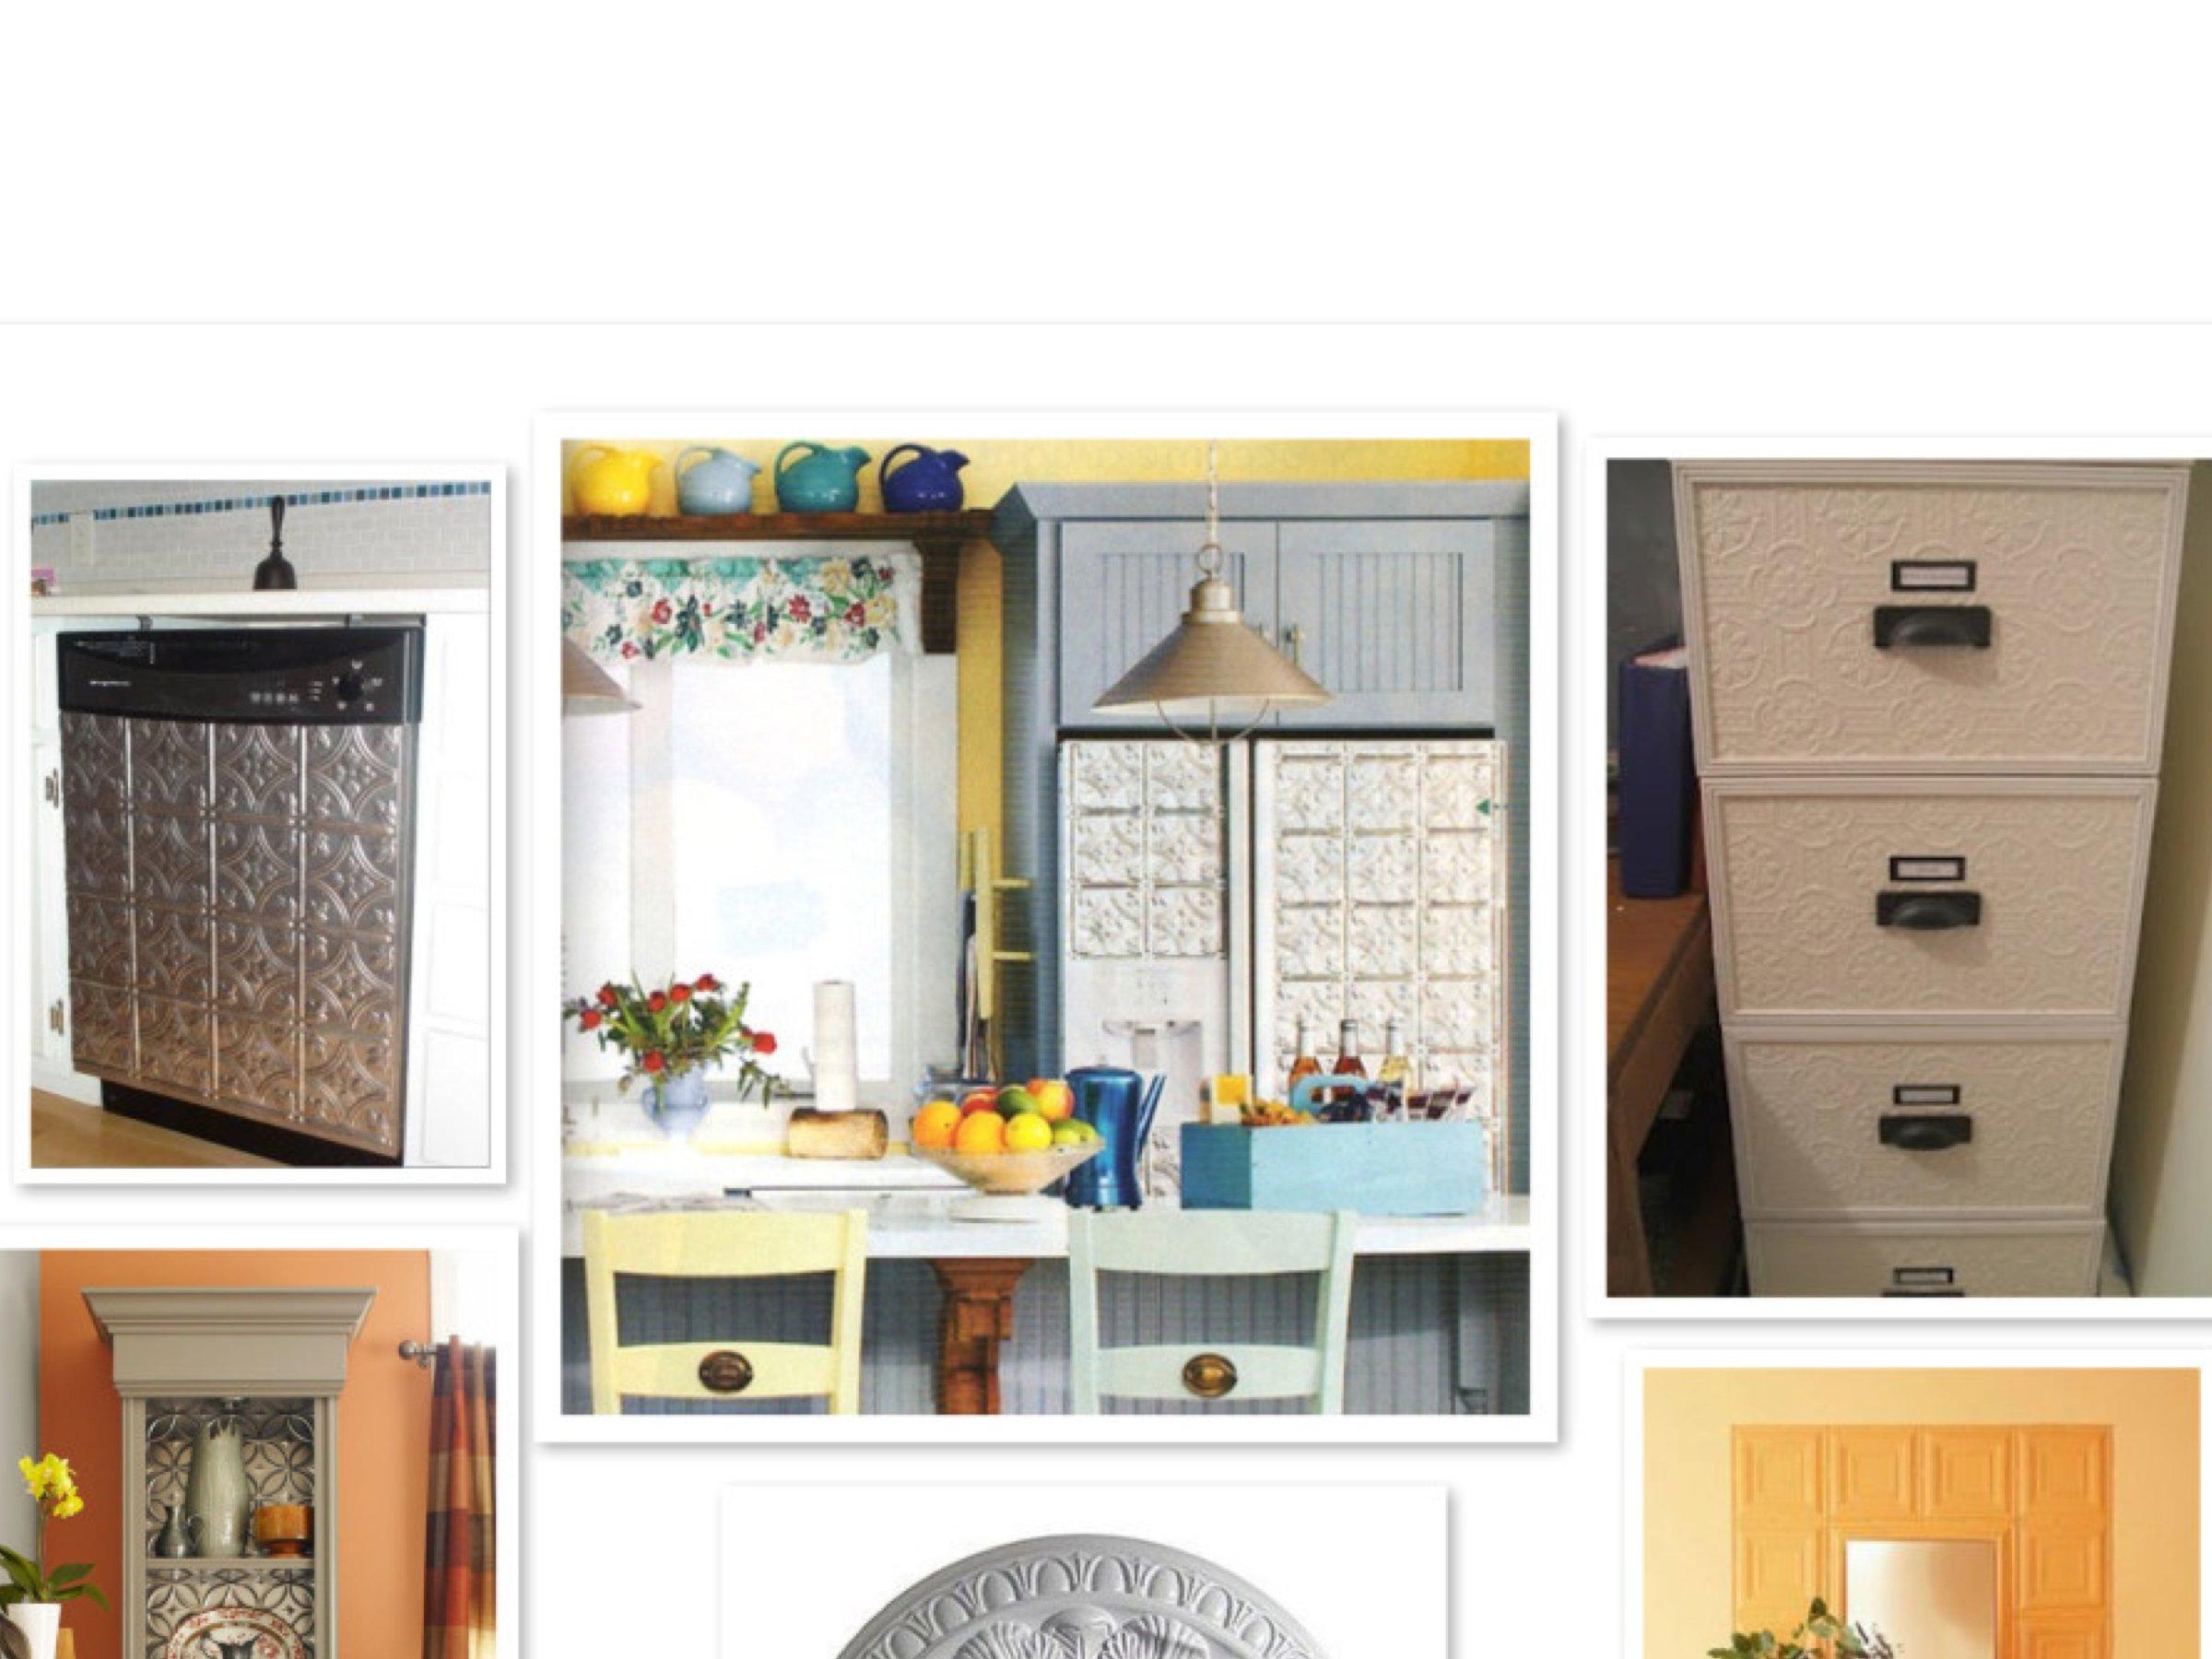 DIY Home Decor Update Using Decorative Tin Tiles